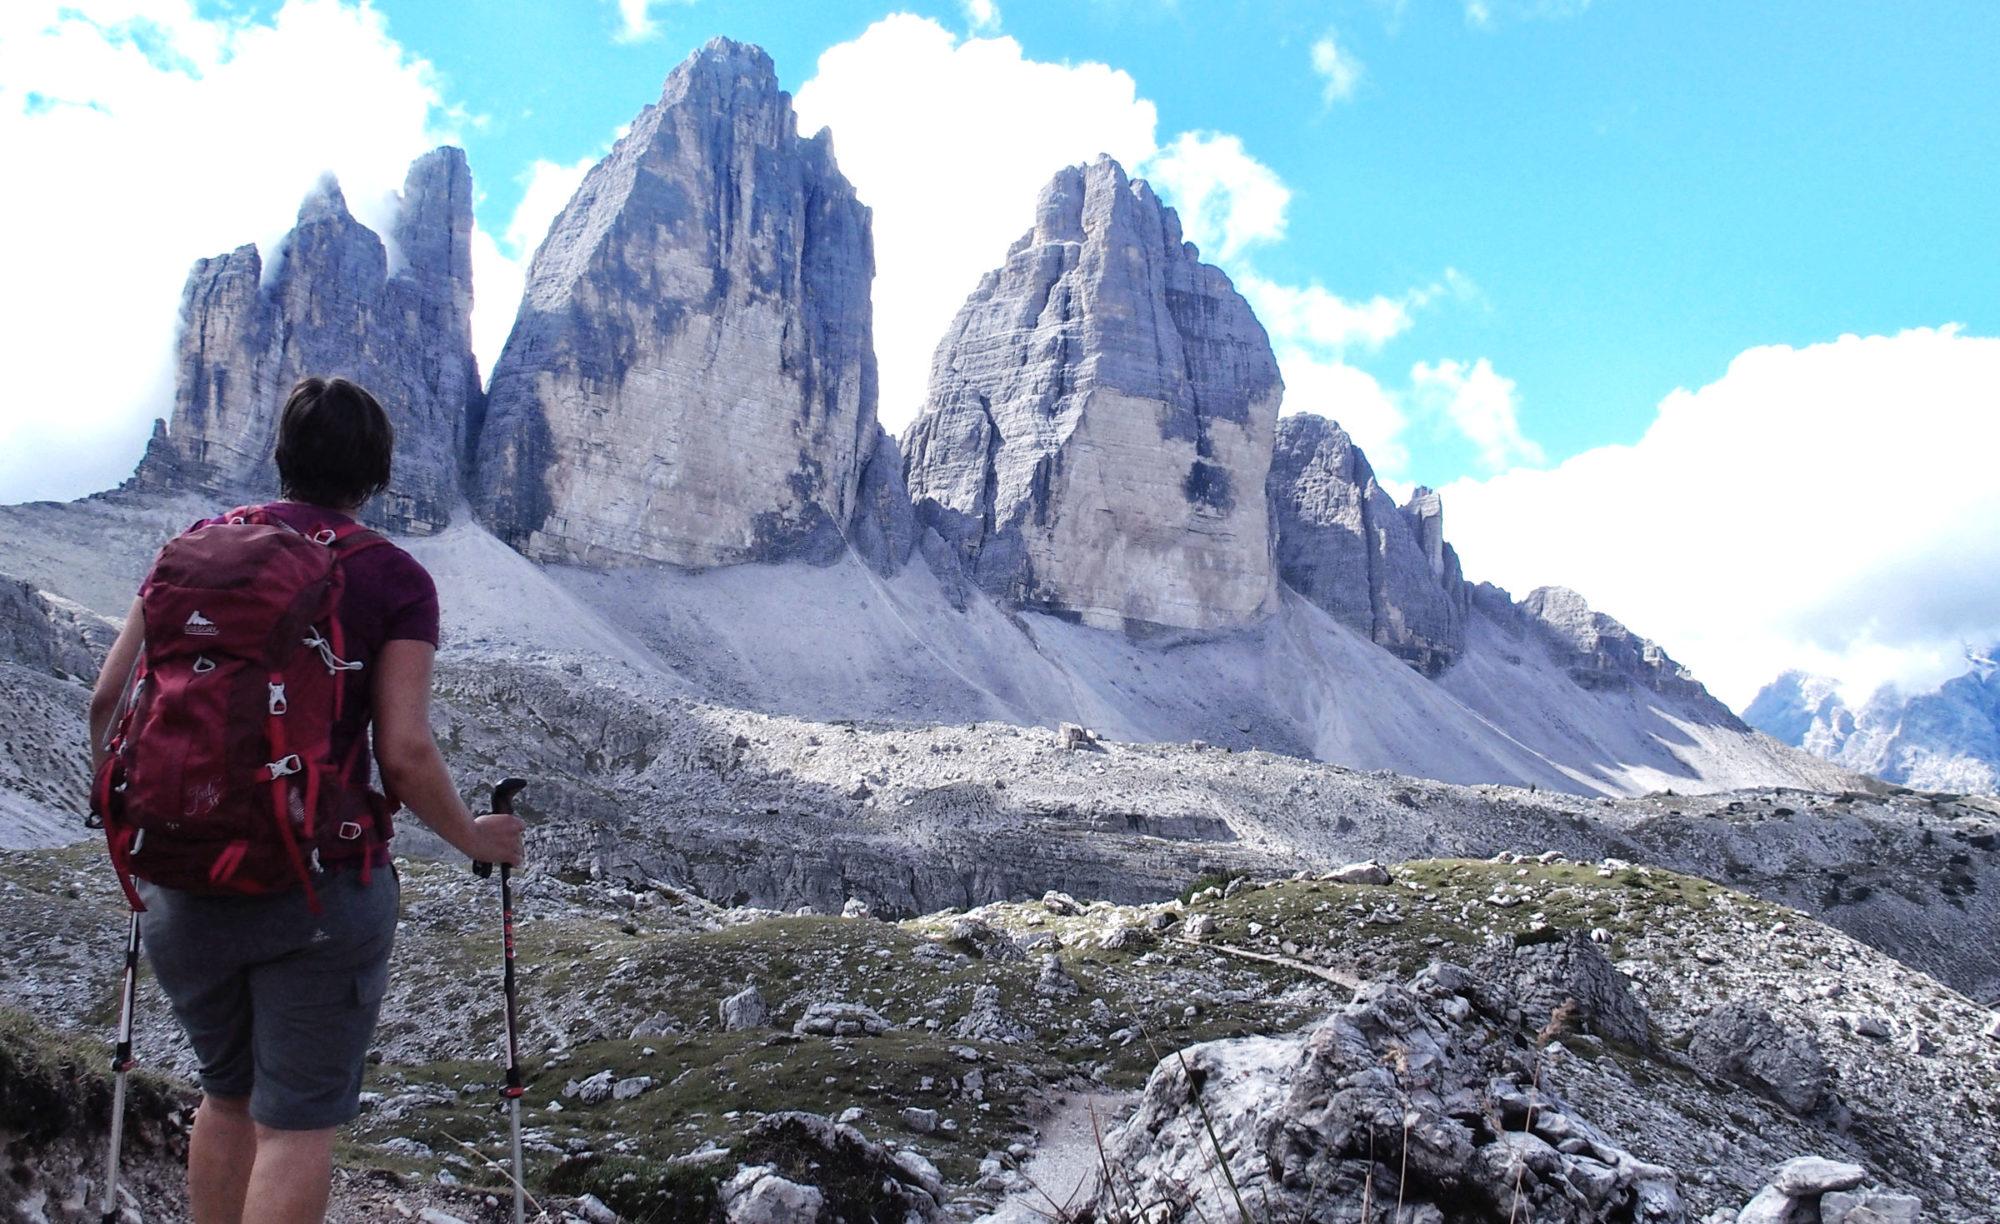 Angekommen beim Wahrzeichen der Dolomiten: den Drei Zinnen